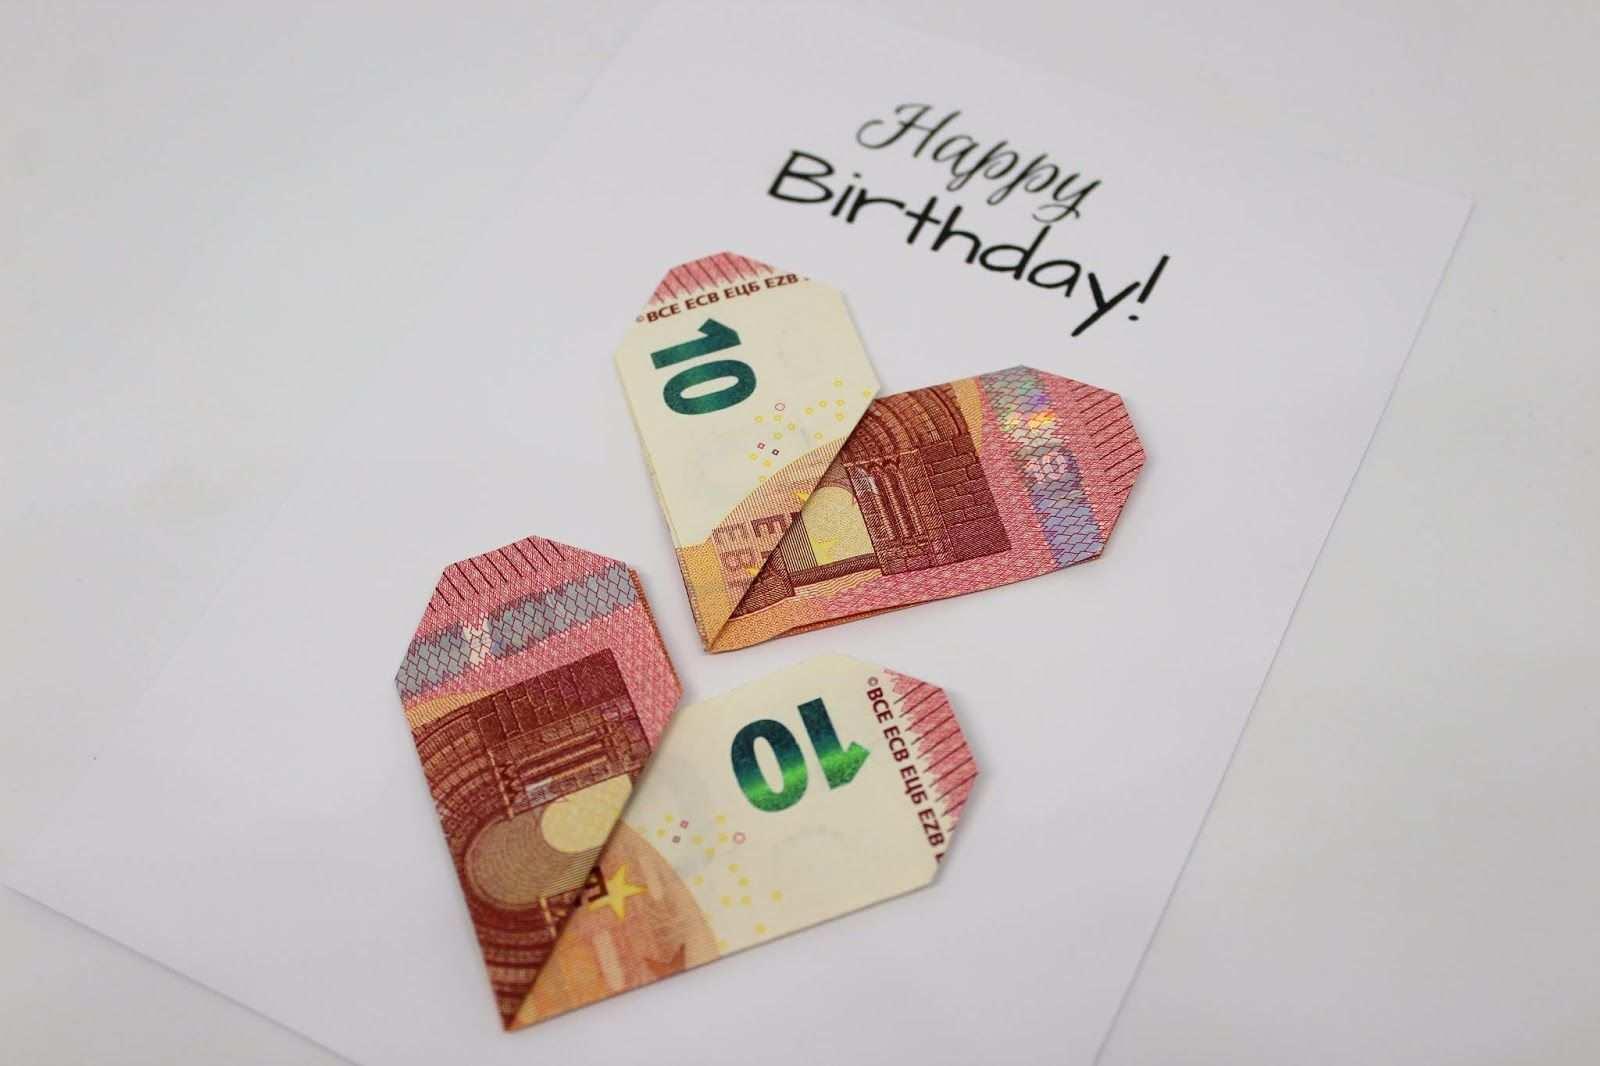 Diy Geldgeschenk Herzen Nach Origami Art Die Perfekte Geschenkidee Kostenlose Vorlage Geldgeschenke Geldgeschenke Selber Basteln Geldgeschenke Basteln